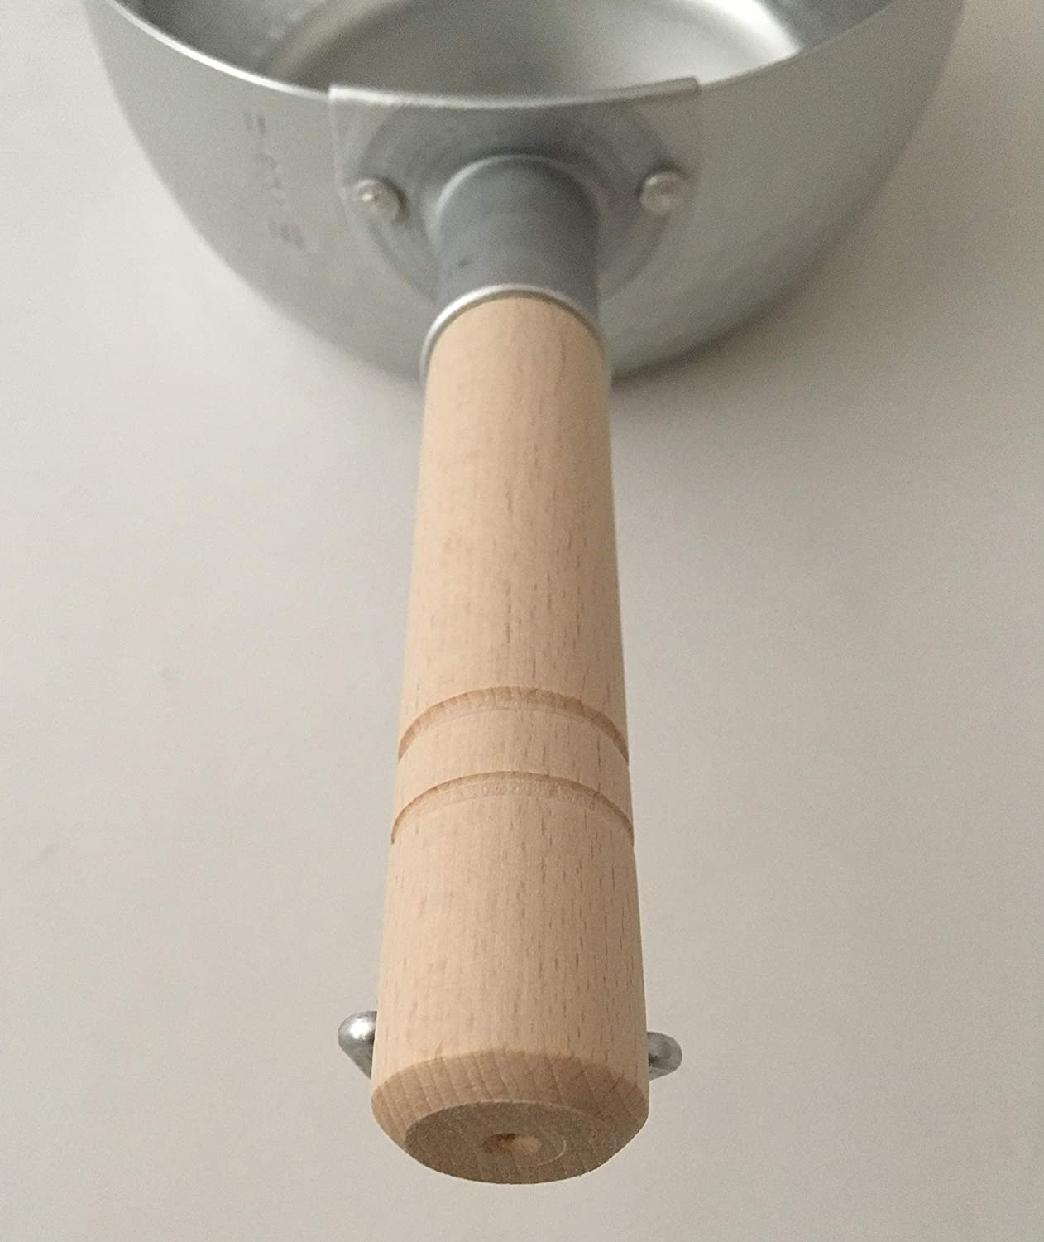 和の職人 谷口金属 日本製 和の職人 誉ゆきひら鍋 シルバー 16cmの商品画像2